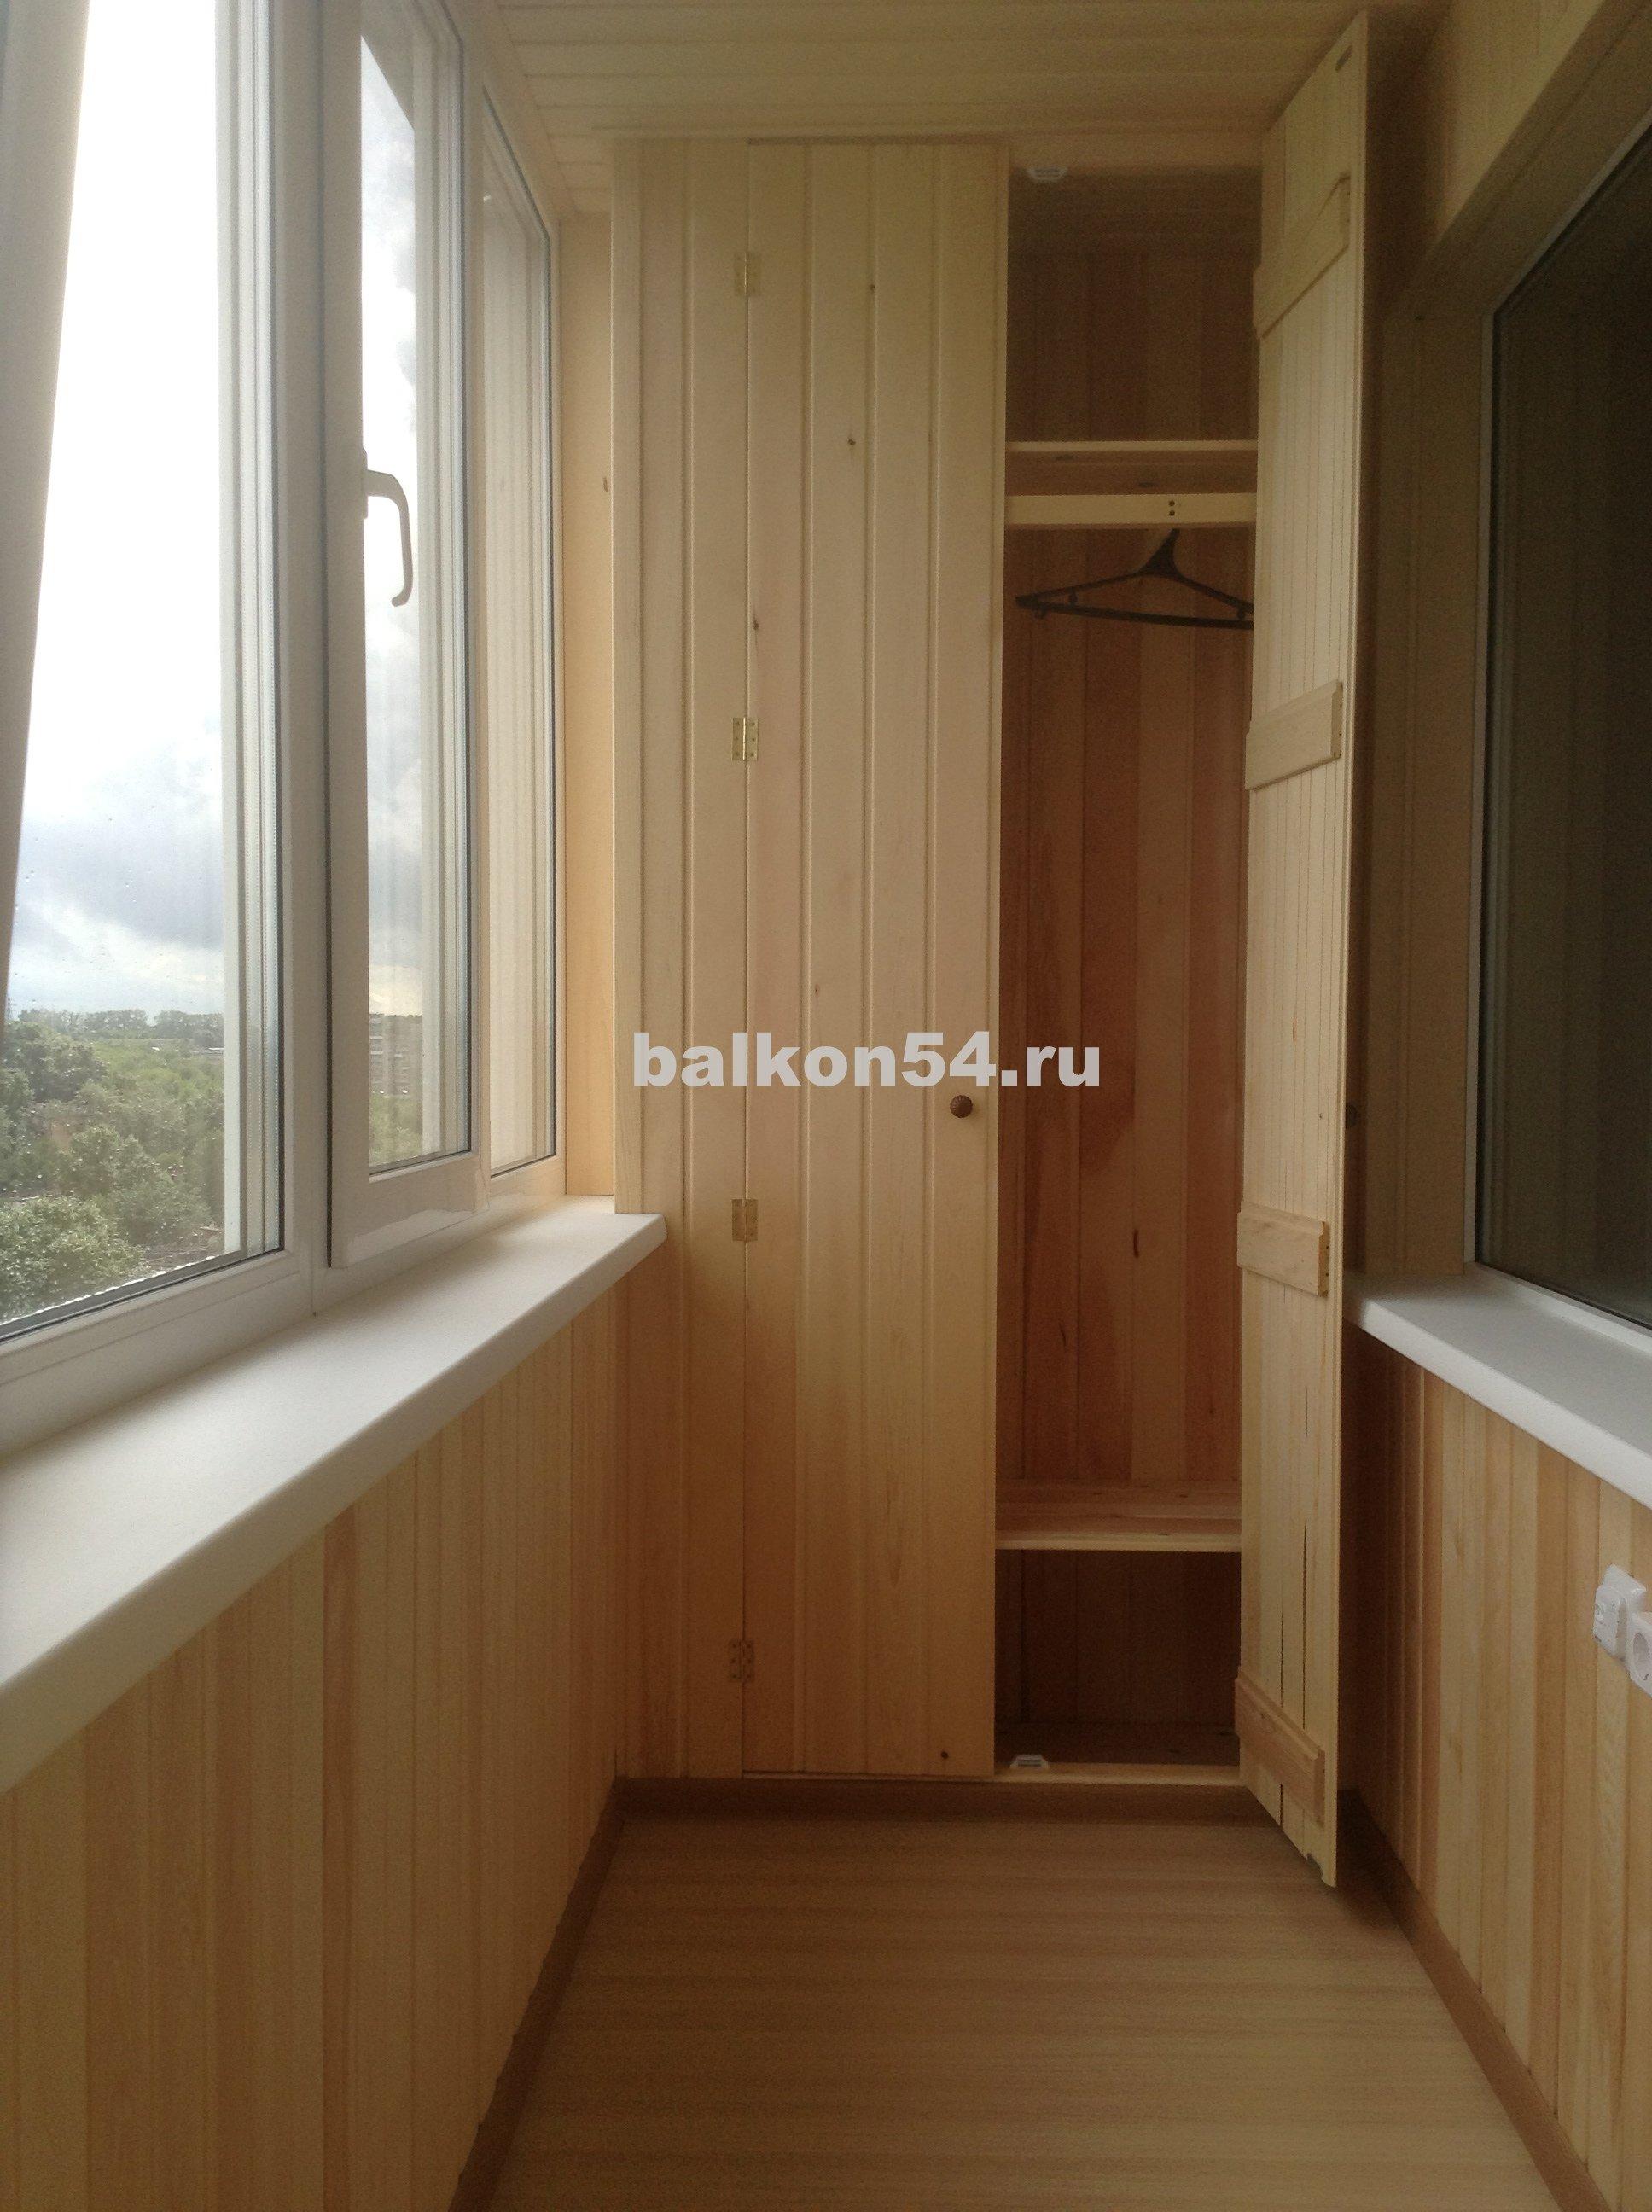 Шкафы на балконе - 3 примеров в интерьере - Фото